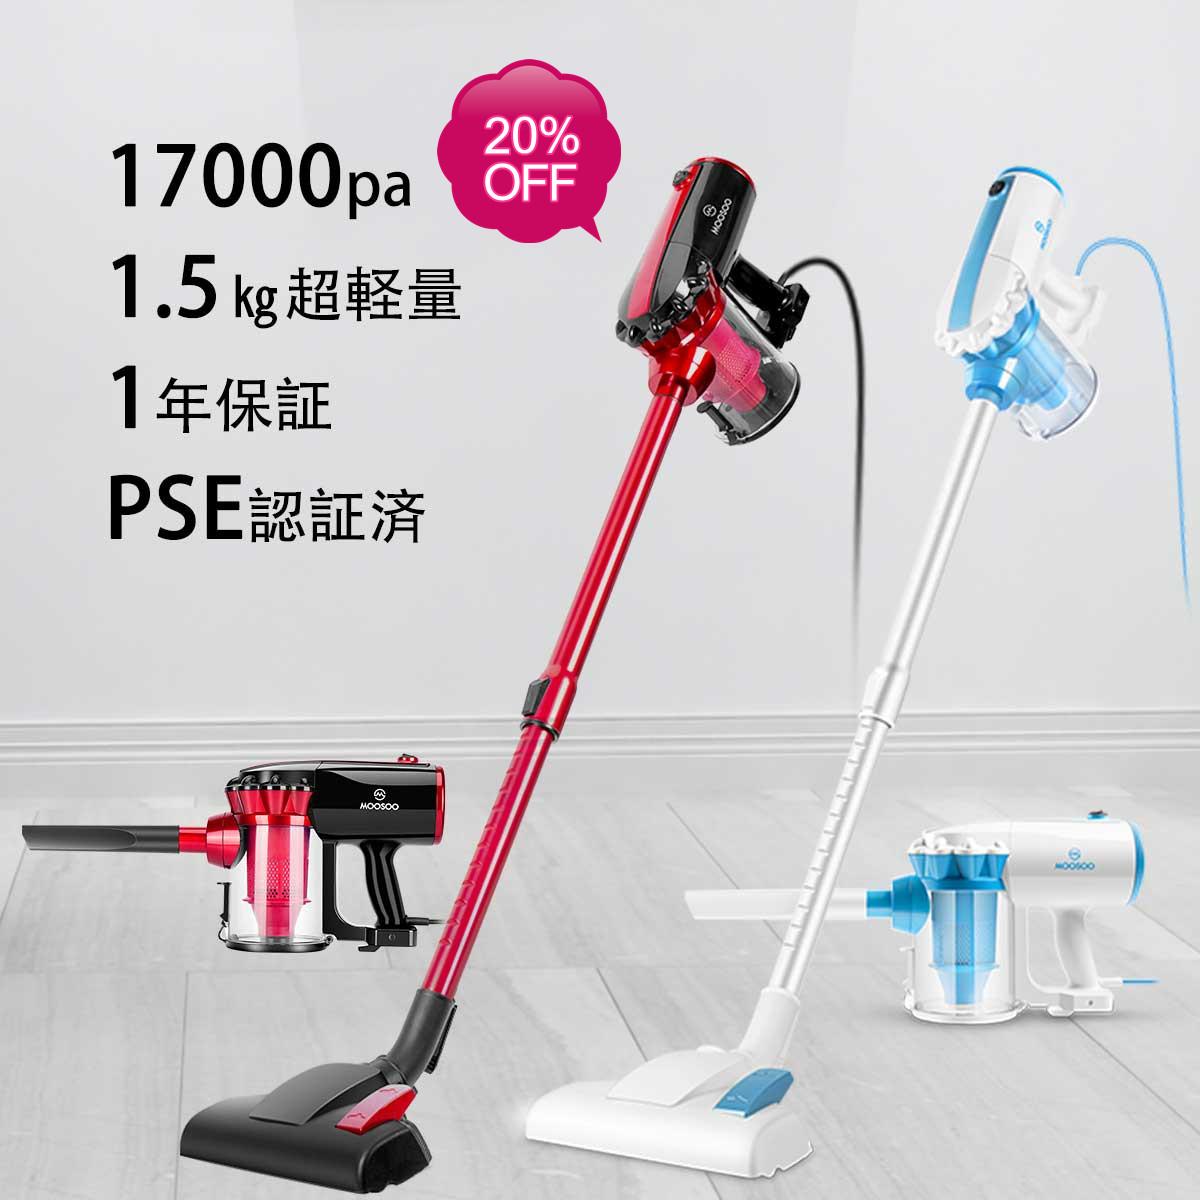 部屋の角まで掃除ができて、吸引力の強い掃除機を教えてください!